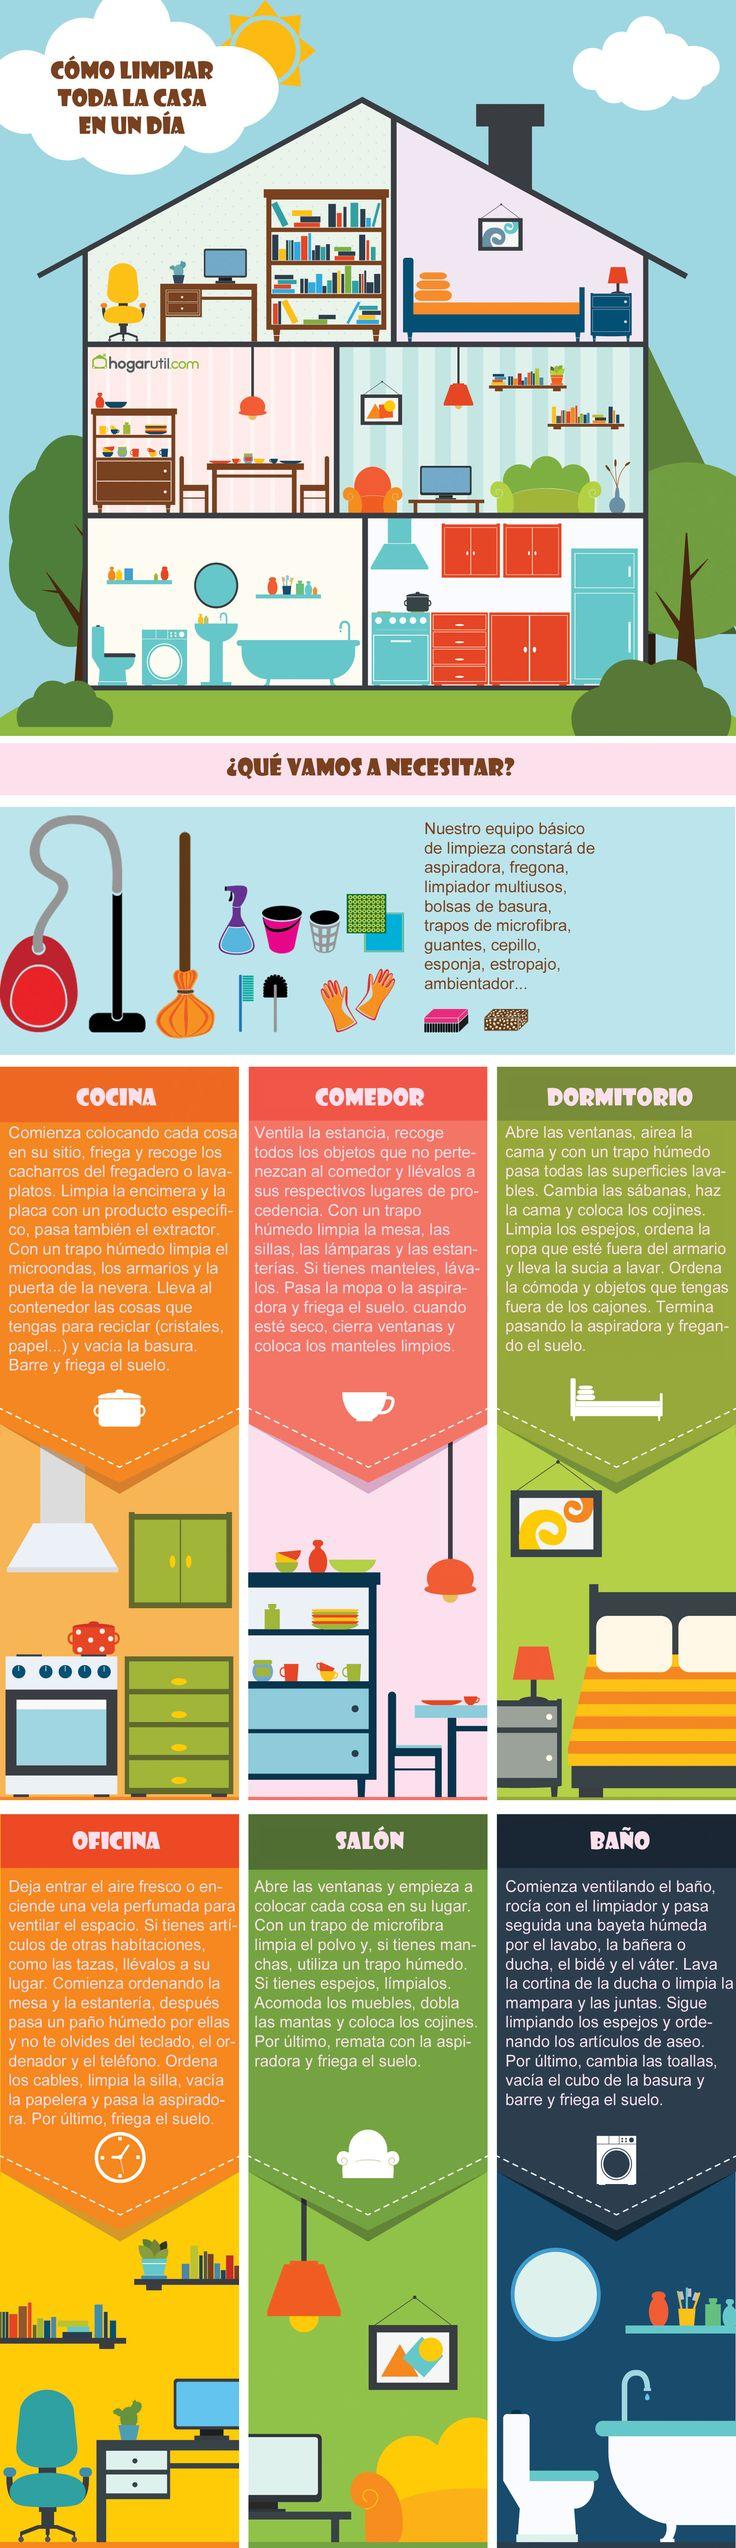 Las 25 mejores ideas sobre limpieza en pinterest ama de - Como limpiar y ordenar la casa ...